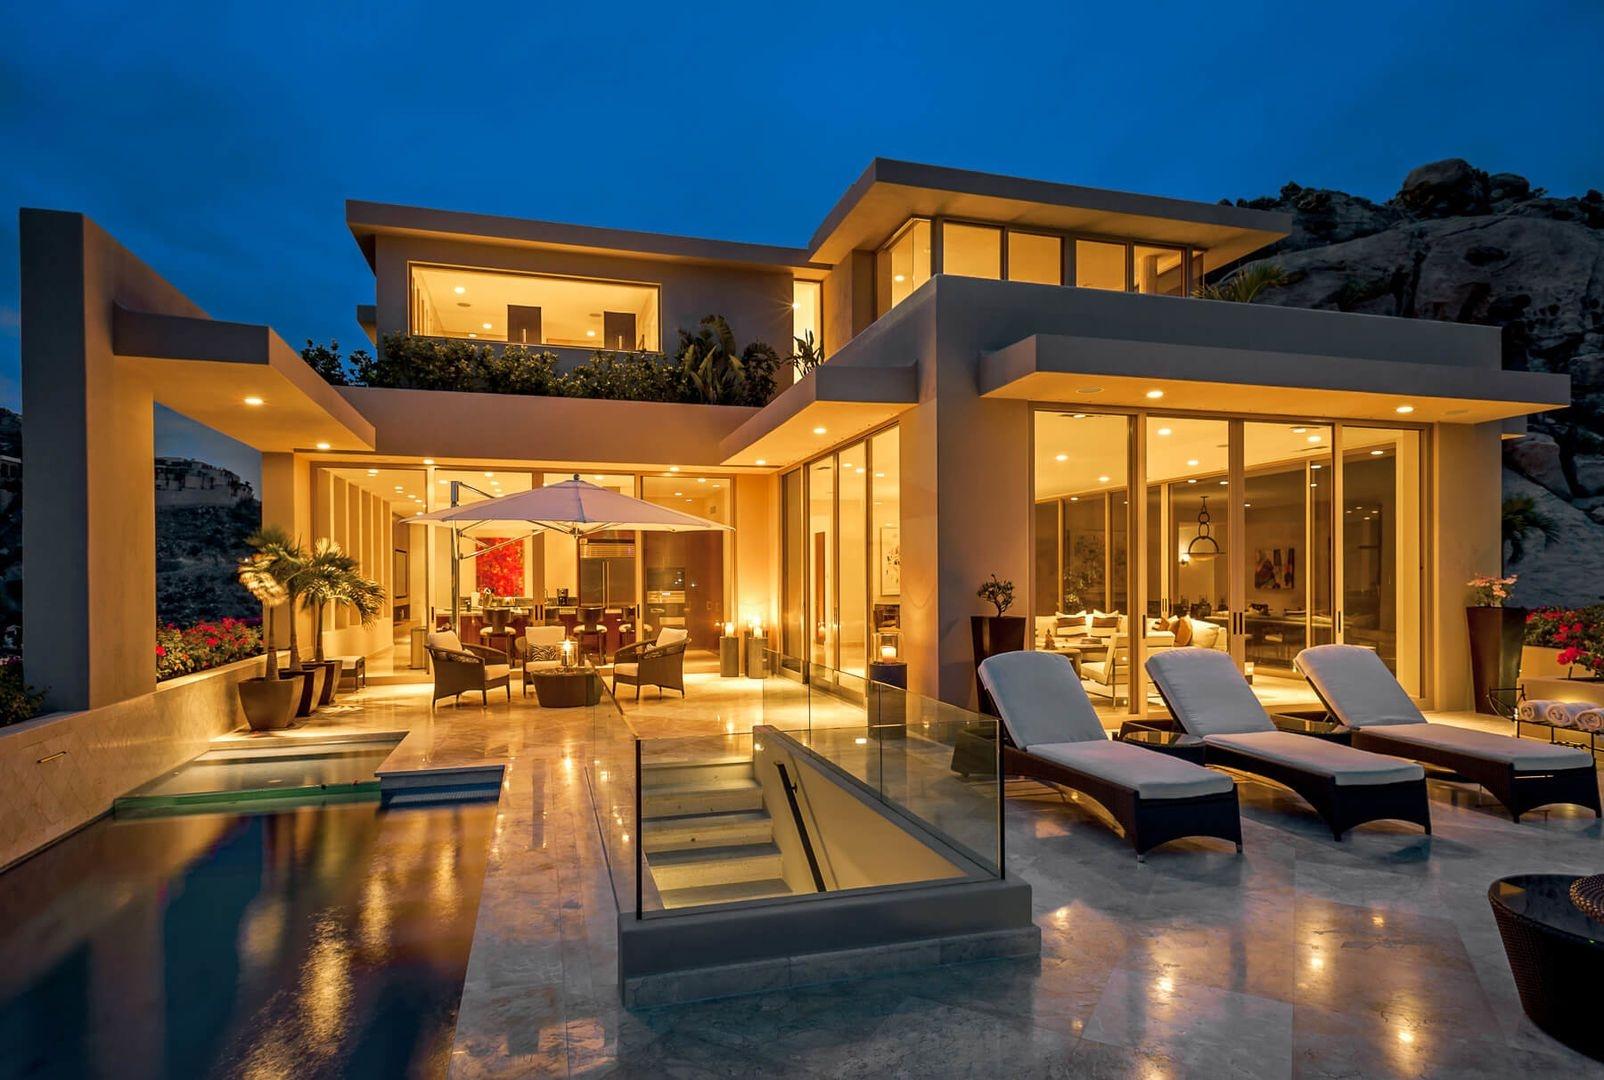 Luxury vacation rentals mexico - Los cabos - Cabo - Pedregal - Villa Pacific West - Image 1/22